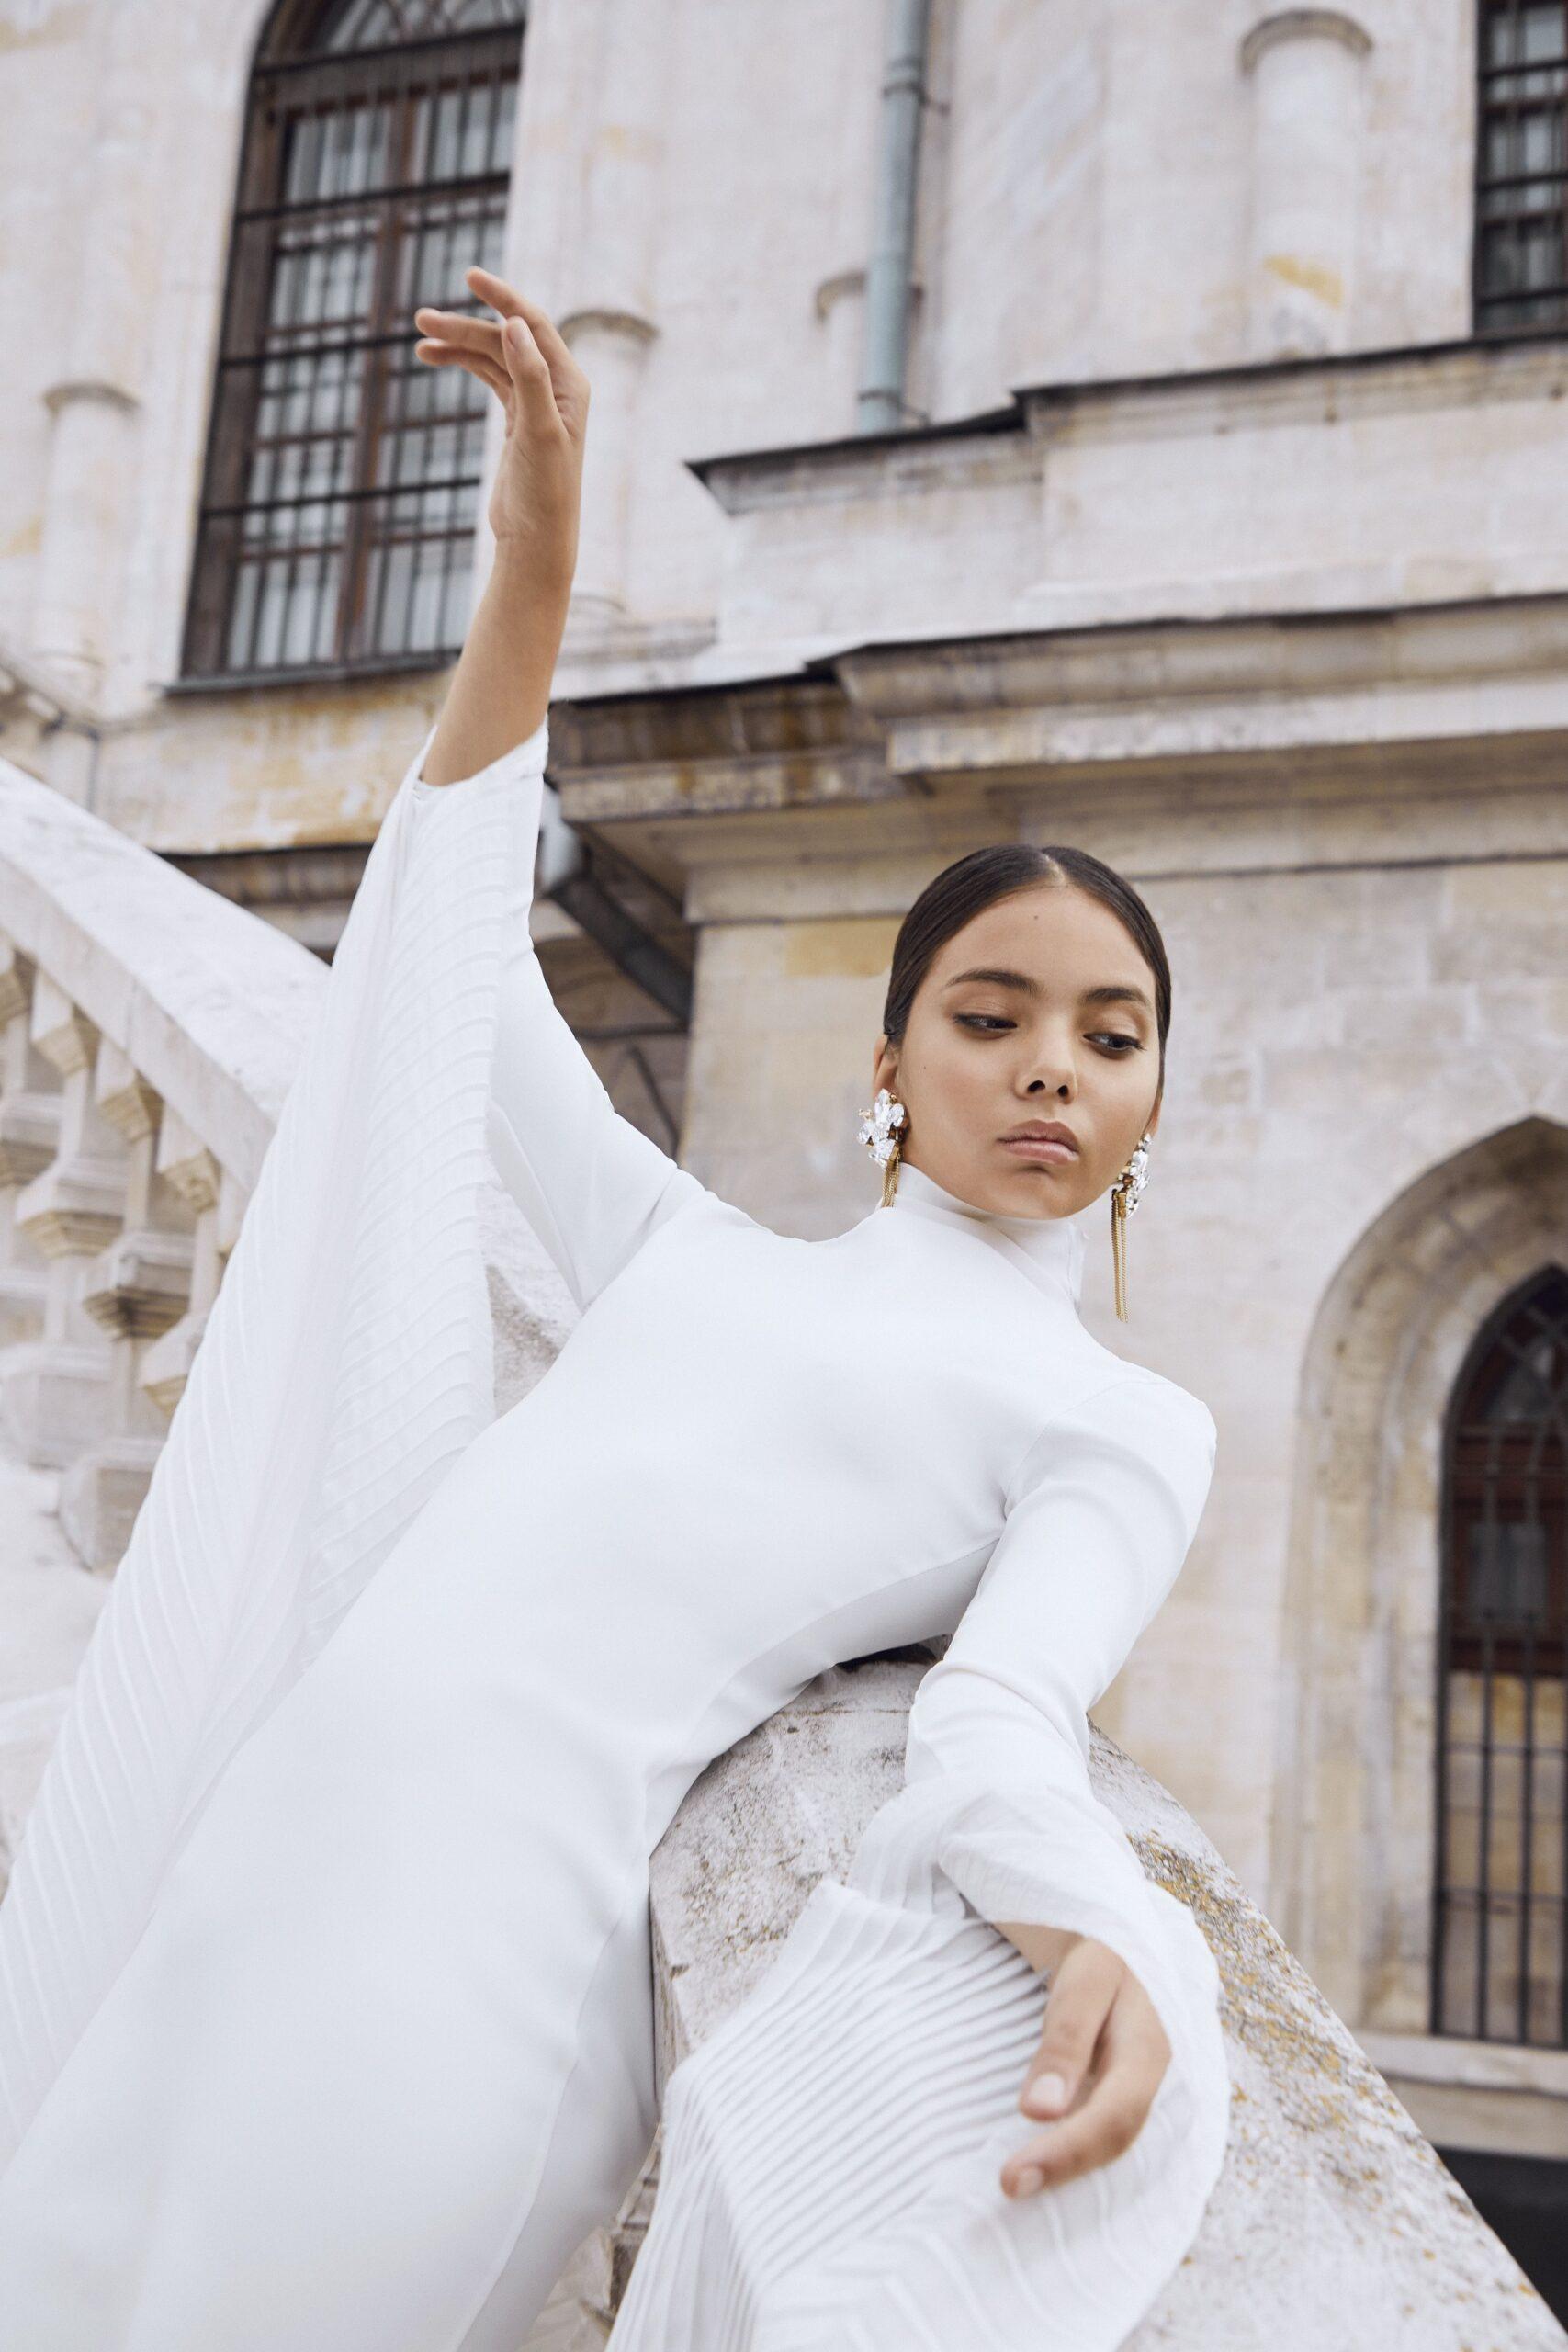 Back to fashion school: Топ-4 тренда подростковой моды, которые мы будем носить в этом сезоне-Фото 4